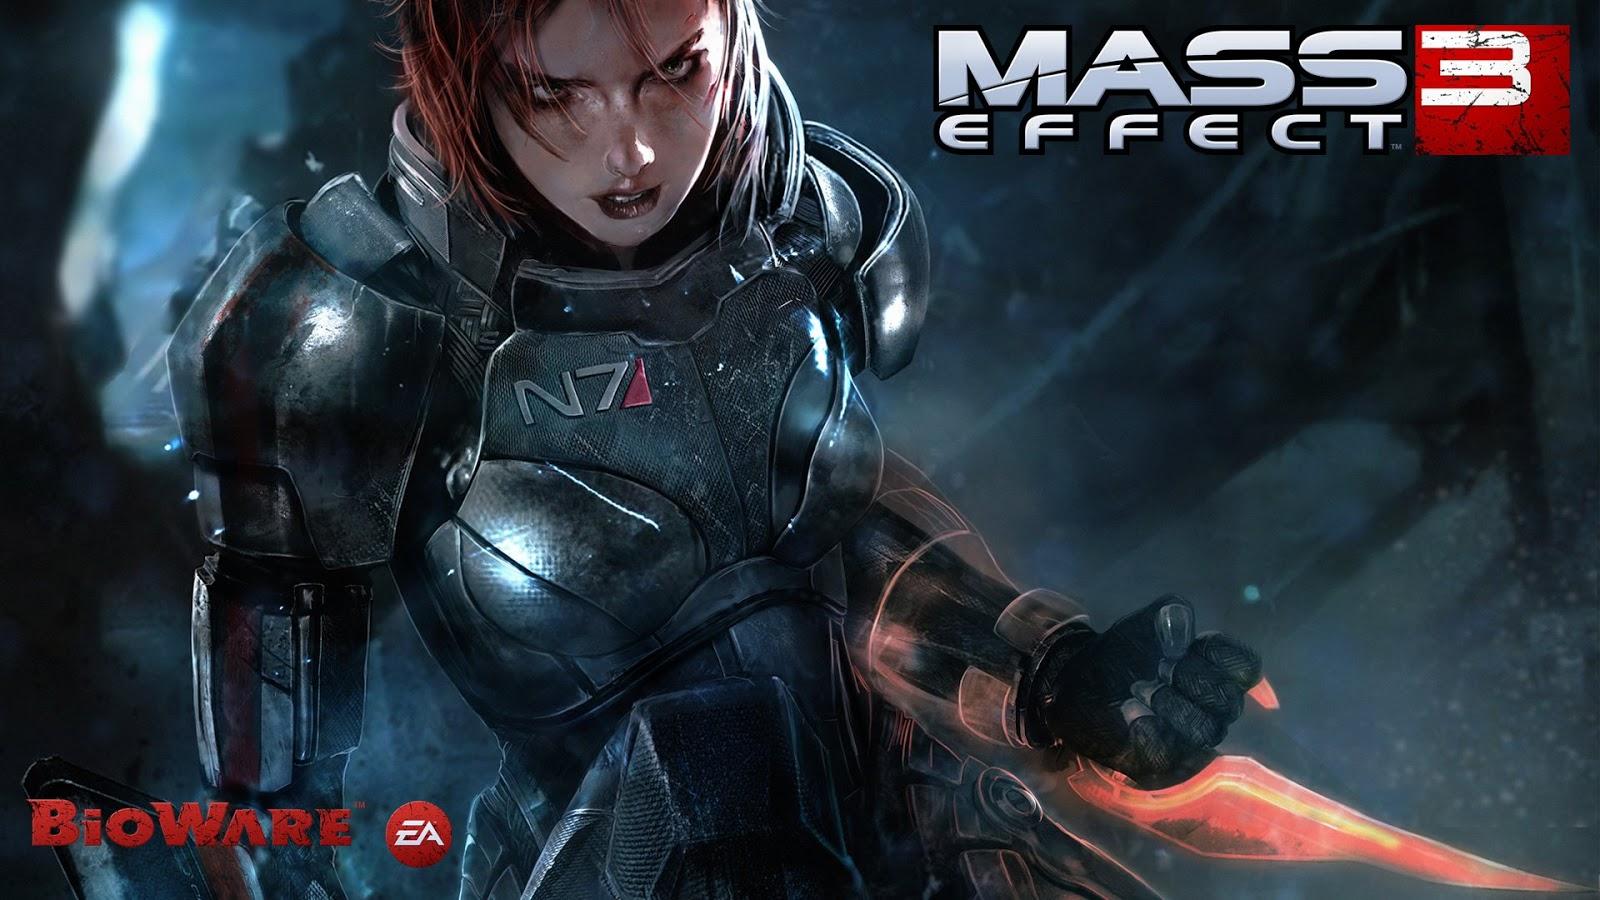 Mass effect 2 keygen download